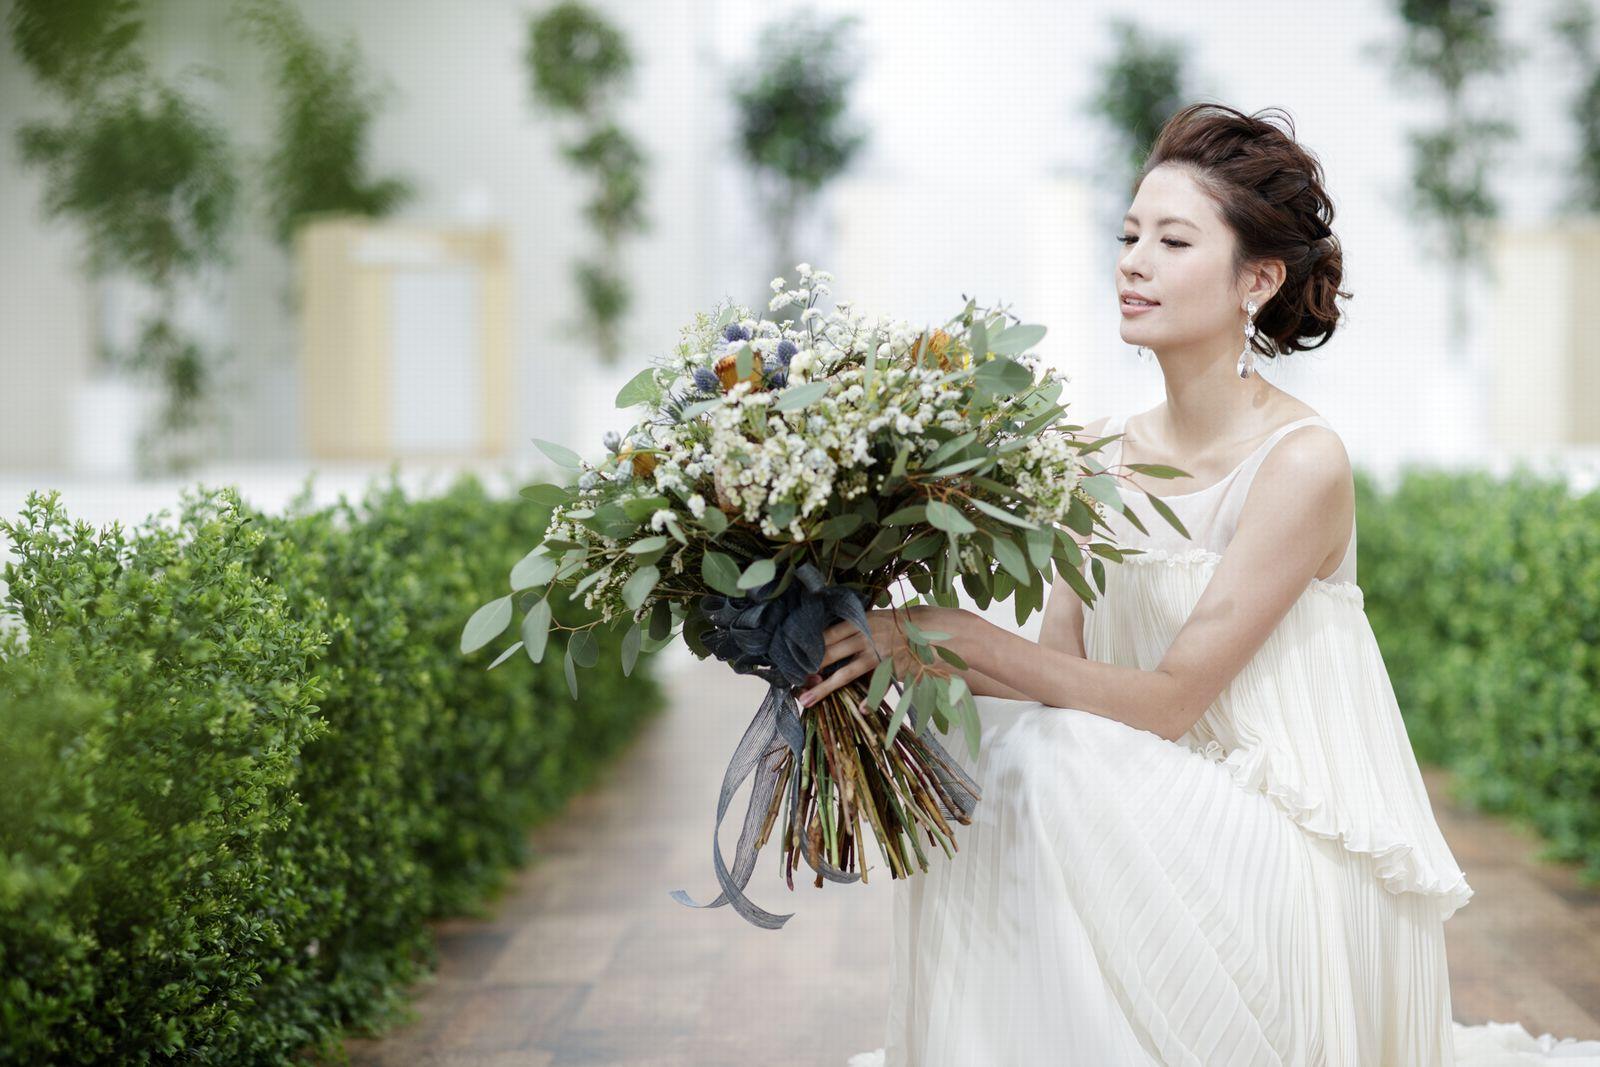 徳島県の結婚式場ブランアンジュのナチュラルなチャペル